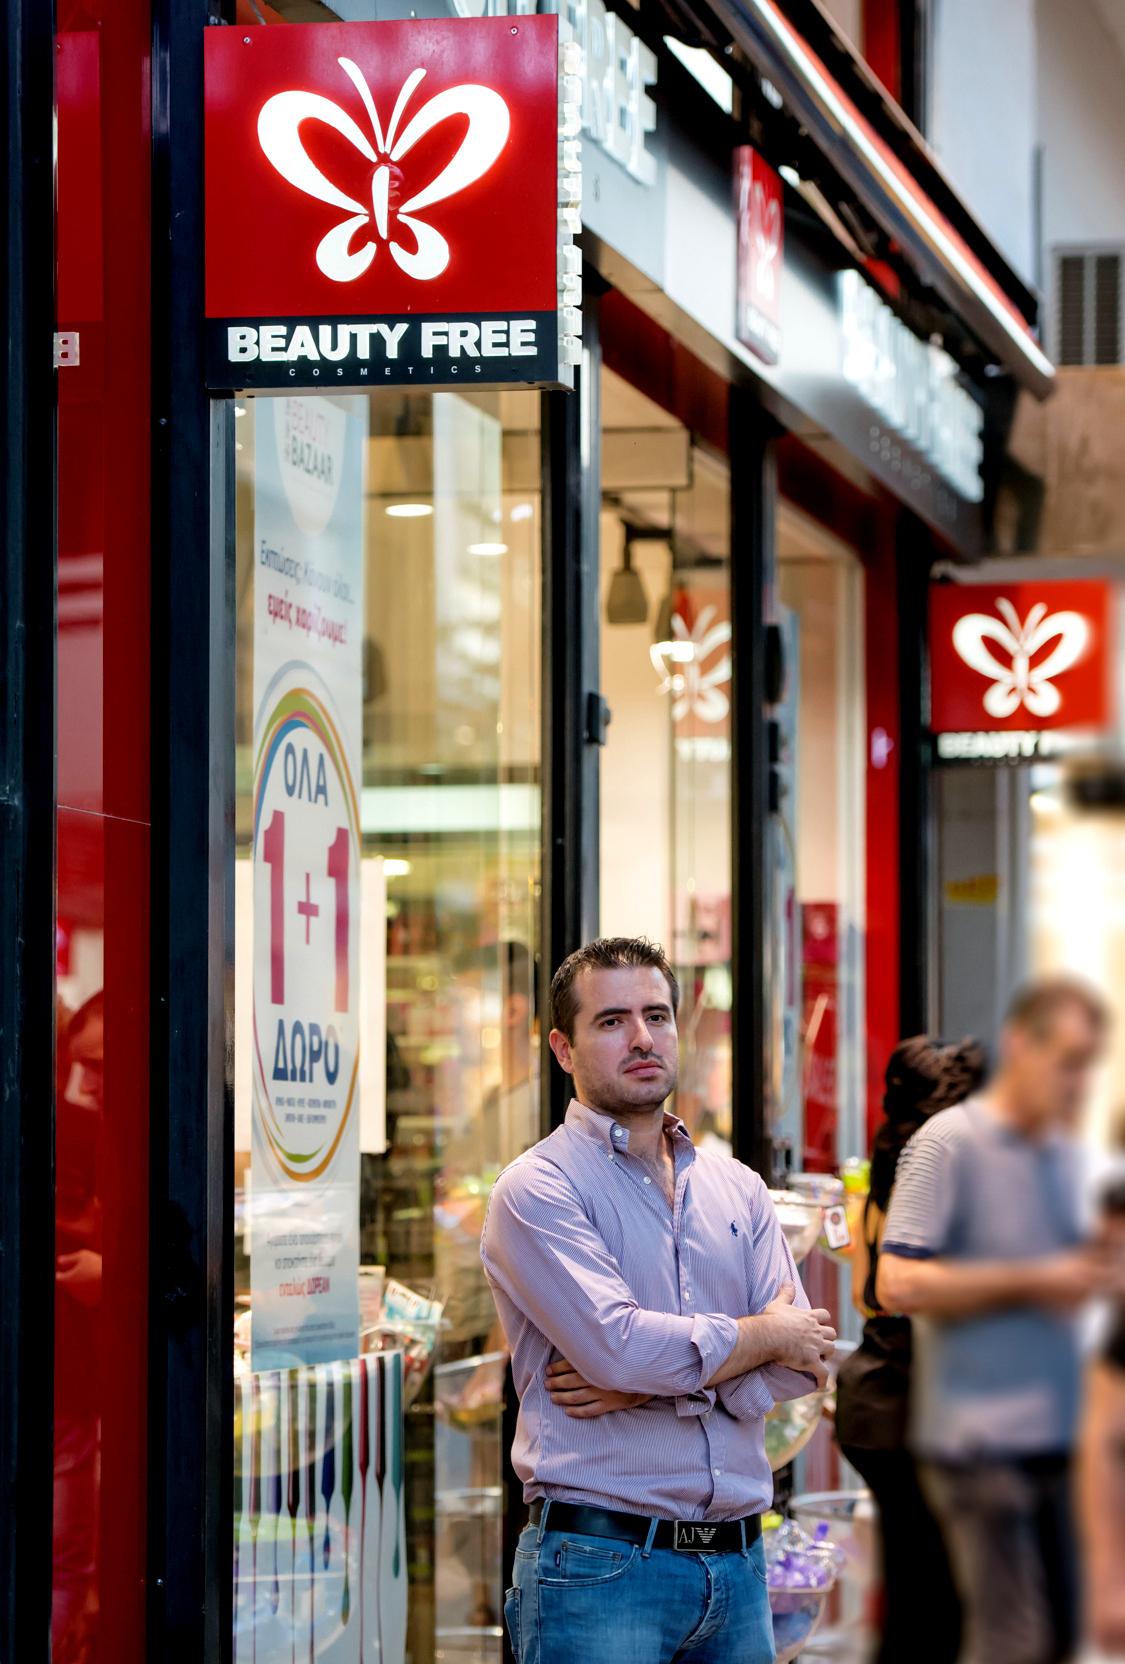 Δημήτρης Γκισάκης: Στοχεύουμε ψηλά μέσω του franchise BEAUTY FREE